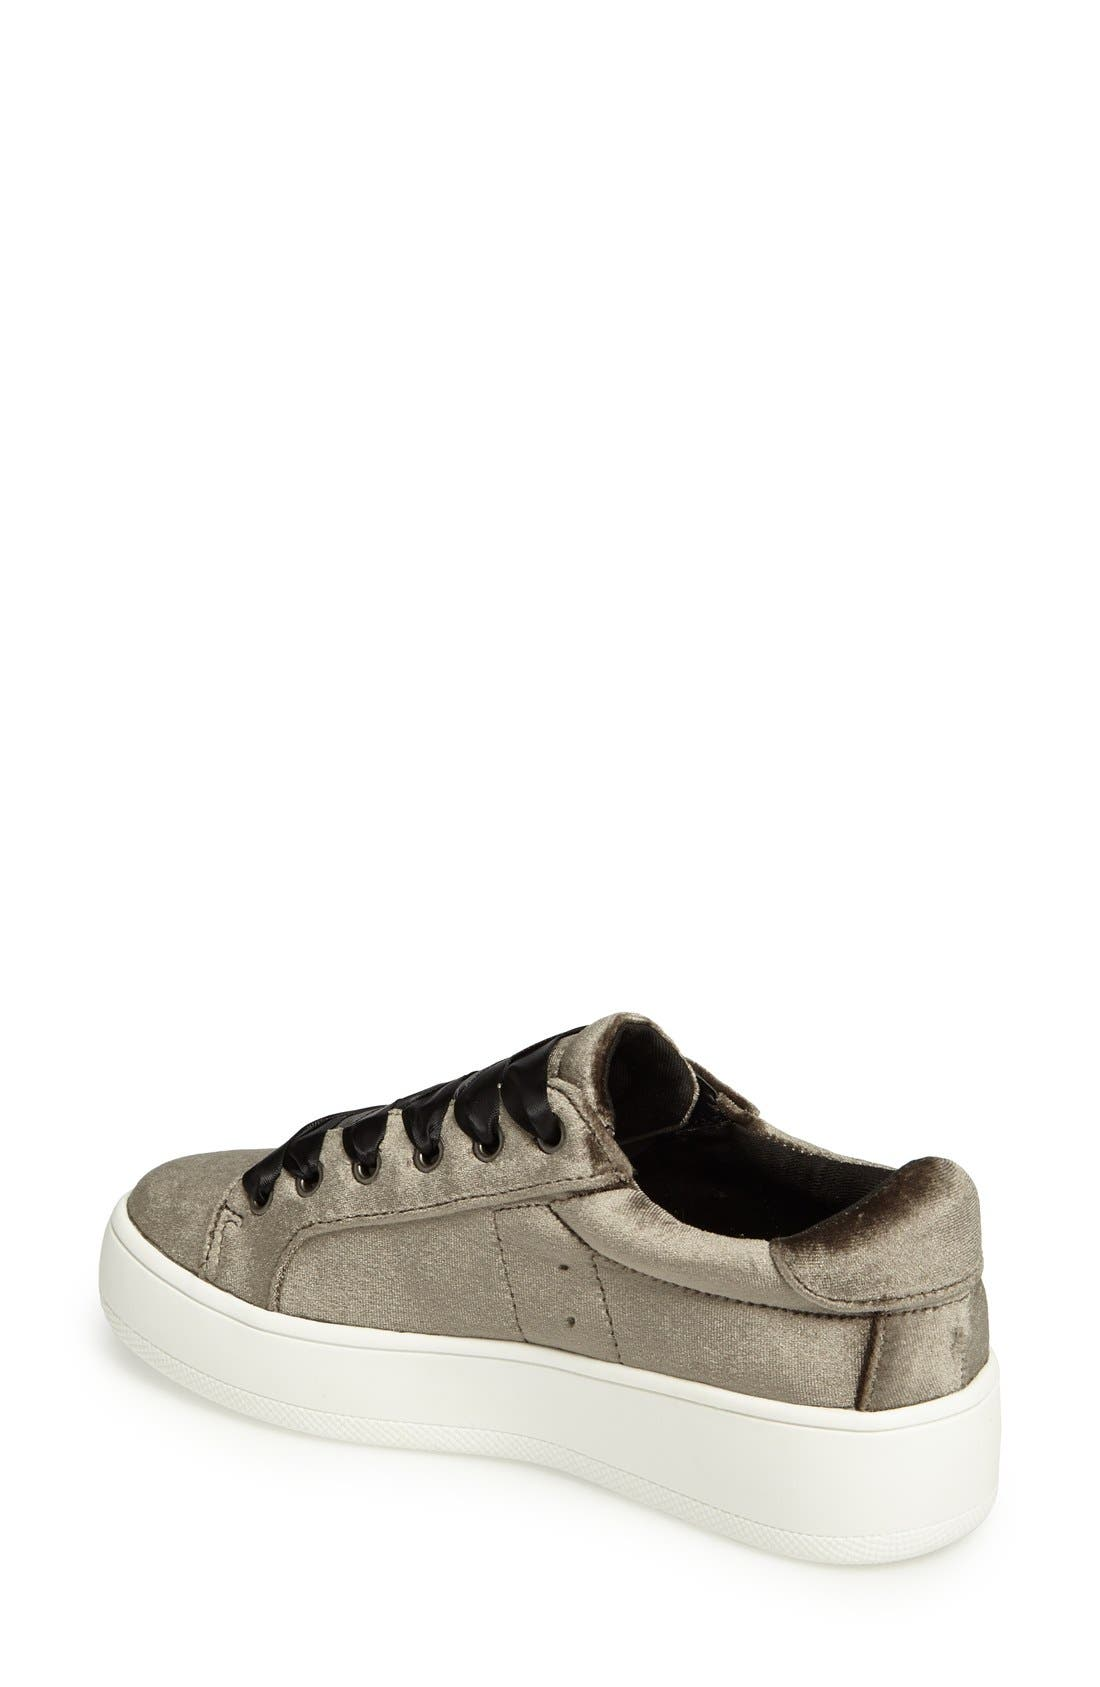 Alternate Image 2  - Steve Madden Bertie-V Platform Sneaker (Women)